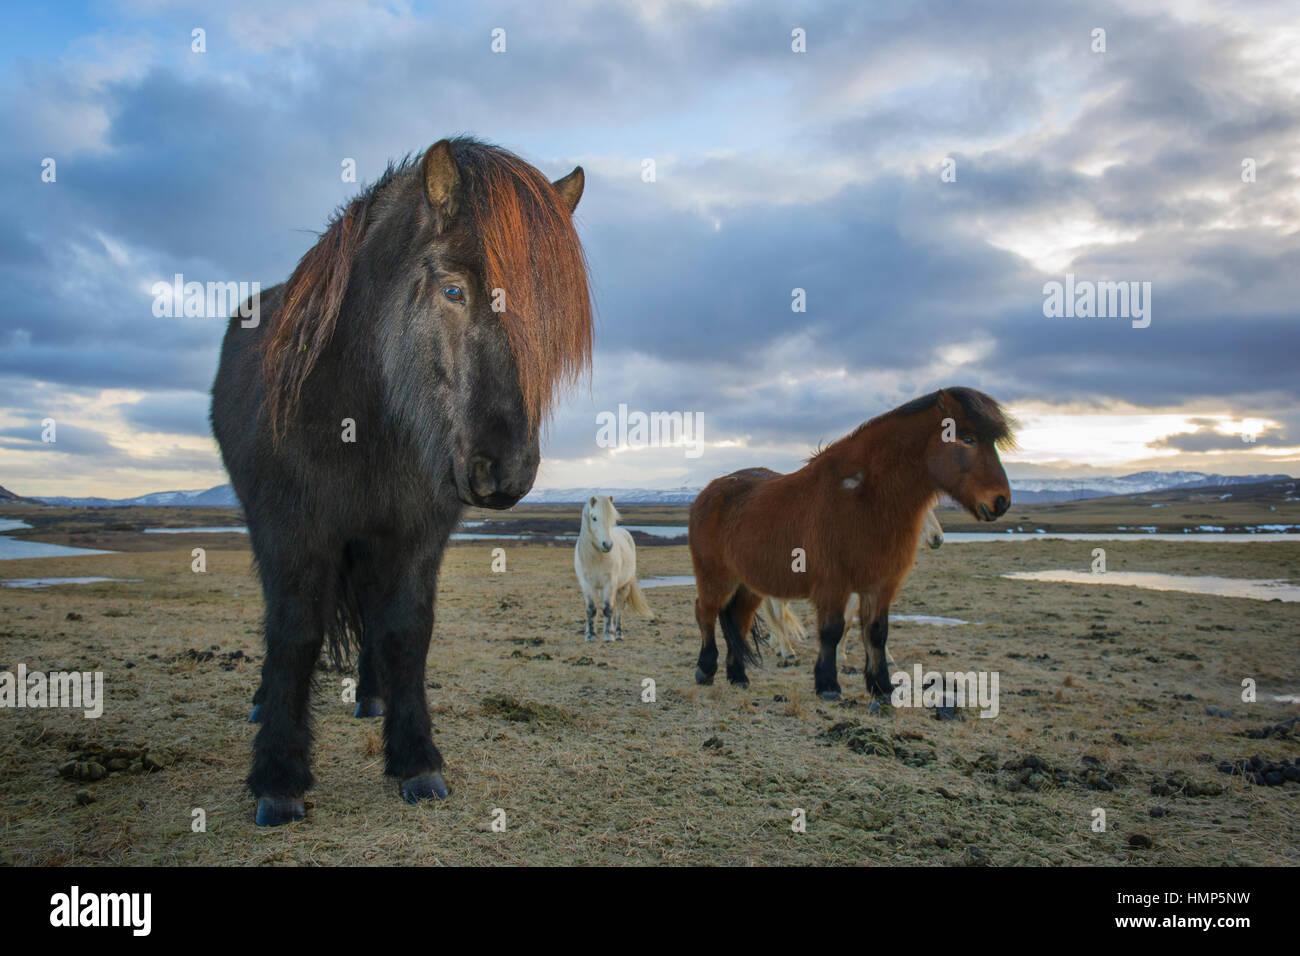 Islandpferd (Eguus Cabballus) Porträt in der isländischen Landschaft, Island. Stockbild